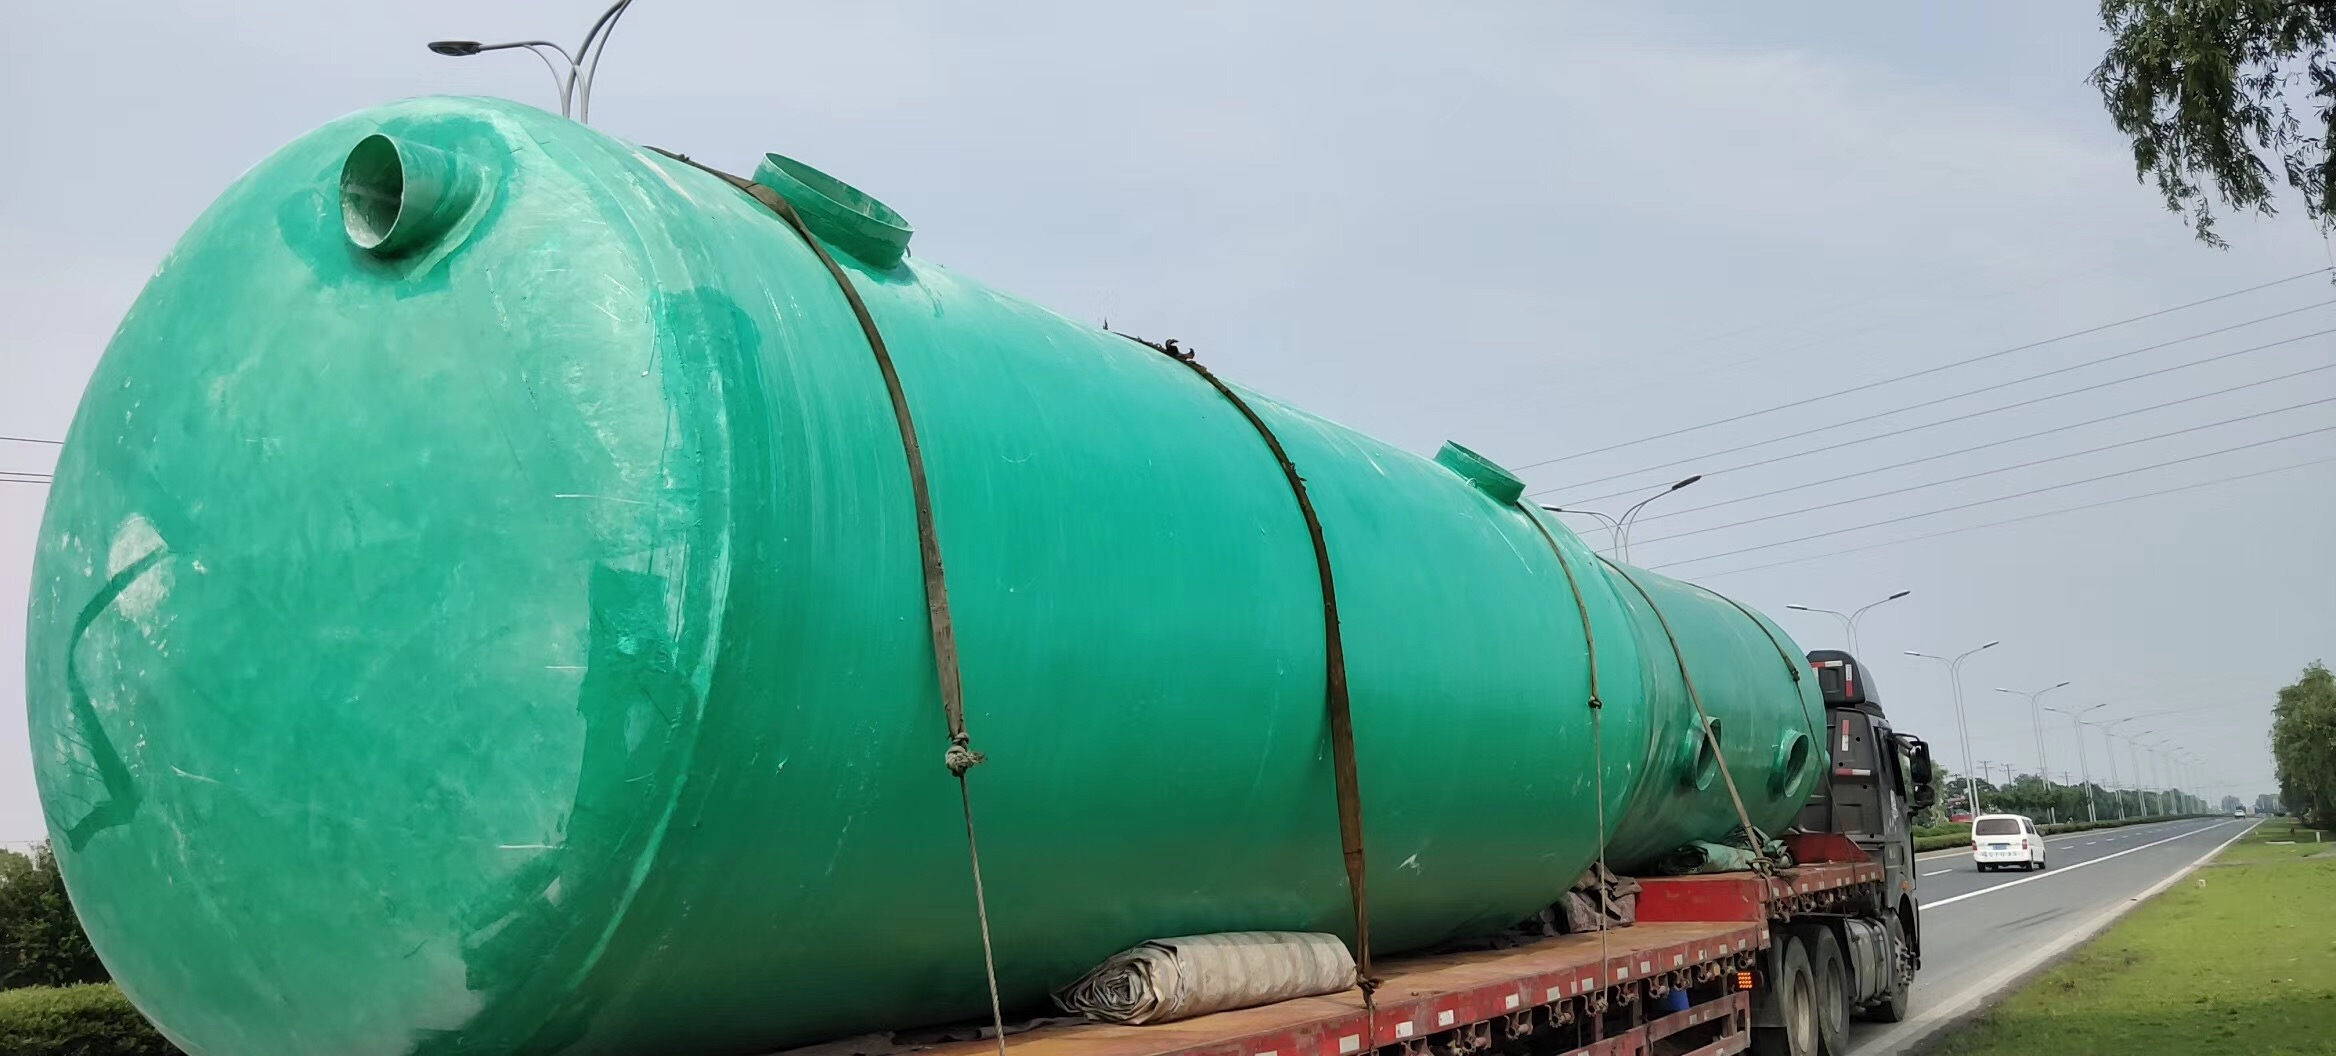 衢州玻璃钢化粪池标准 值得信赖 宁波塑通管业供应